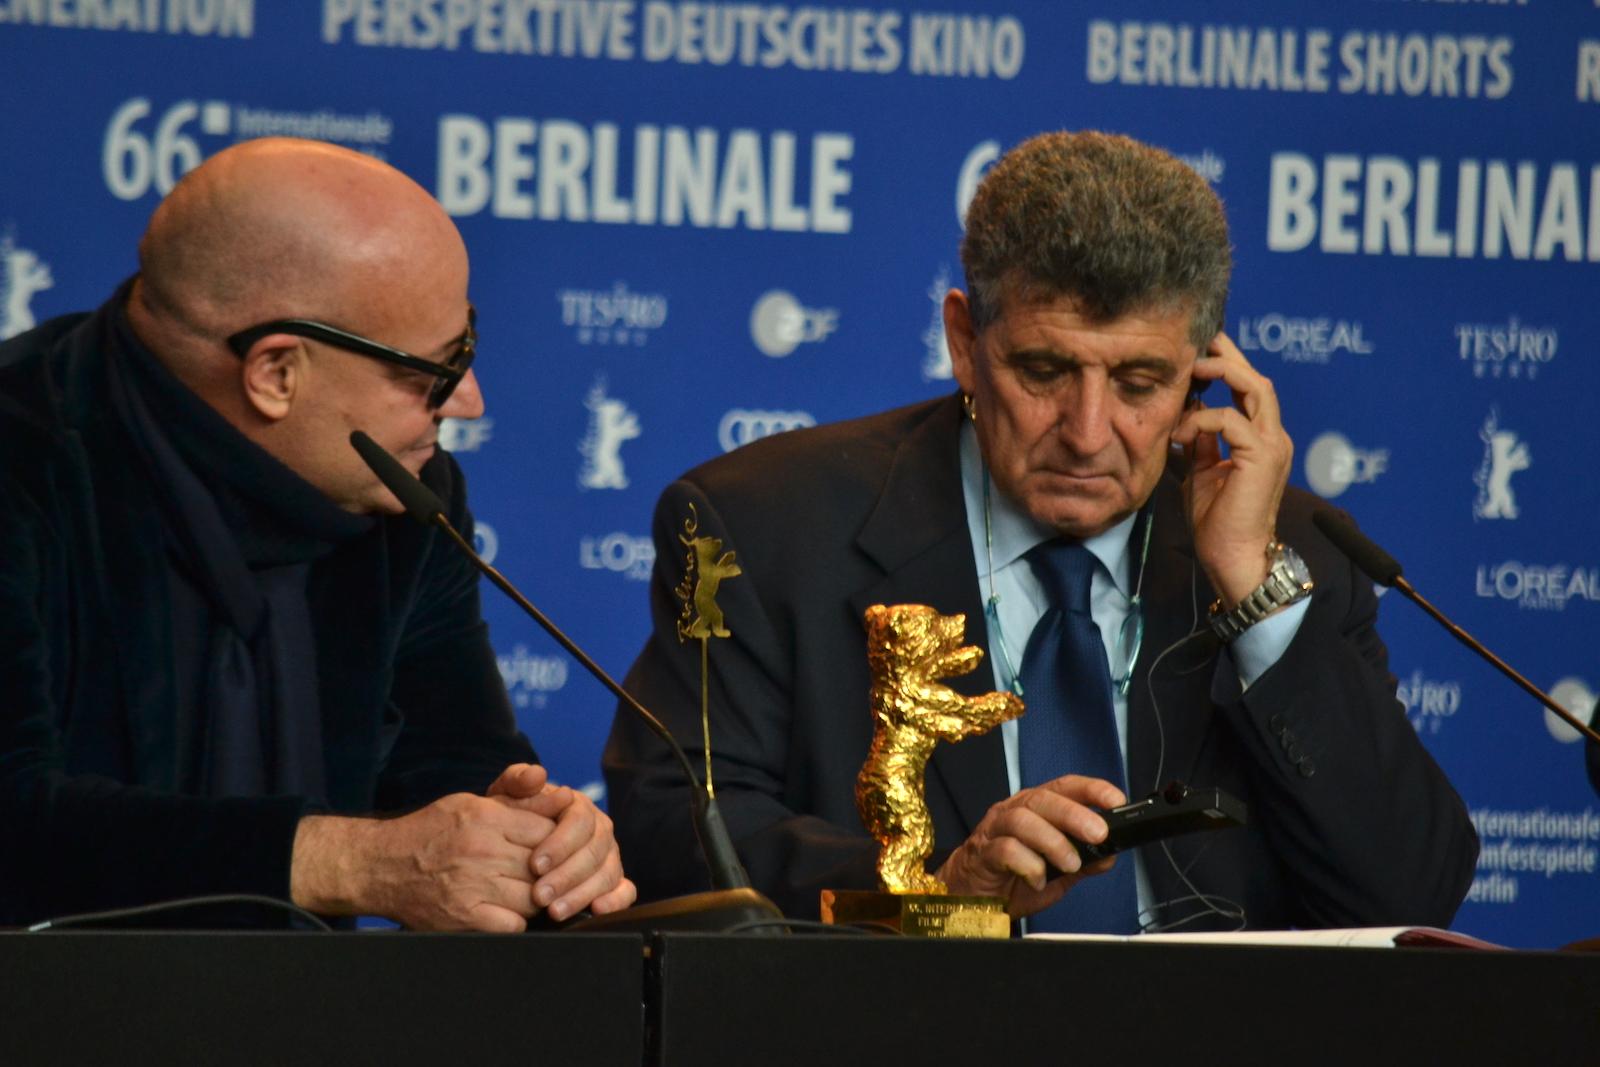 Berlino 2016: Gianfranco Rosi e Pietro Bartolo durante la conferenza dei premiati